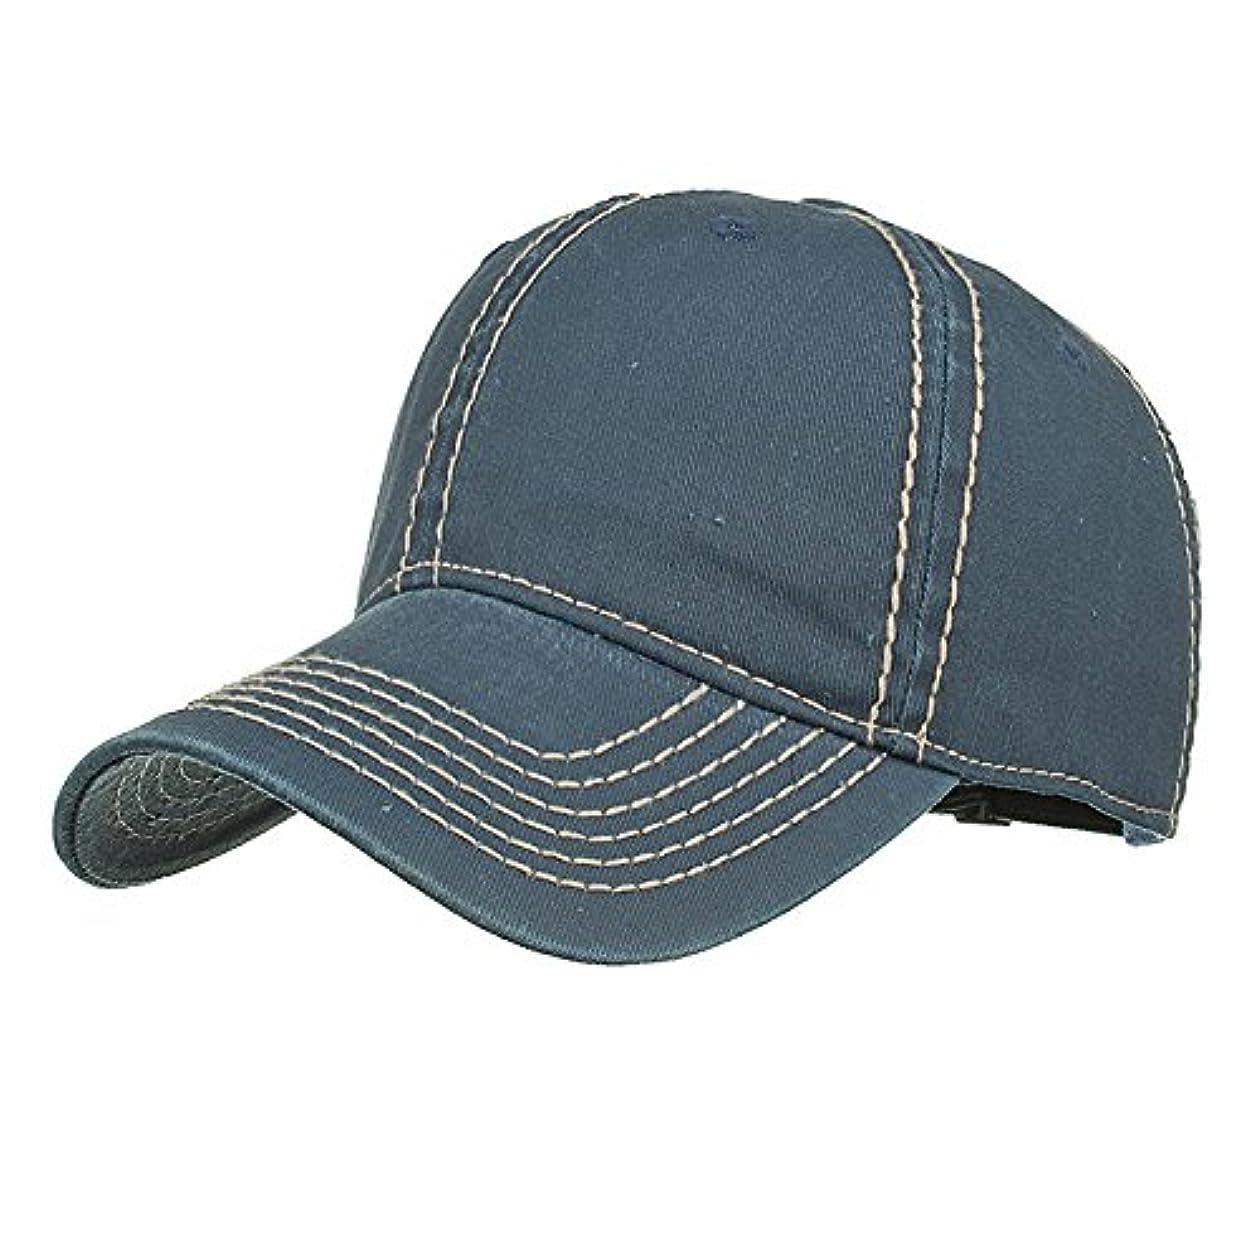 瞑想するランチョン決めますRacazing Cap 無地 野球帽 キャップ 夏 登山 通気性のある 帽子 ベルクロ 可調整可能 刺繍 棒球帽 UV 帽子 軽量 屋外 Unisex Hat (C)